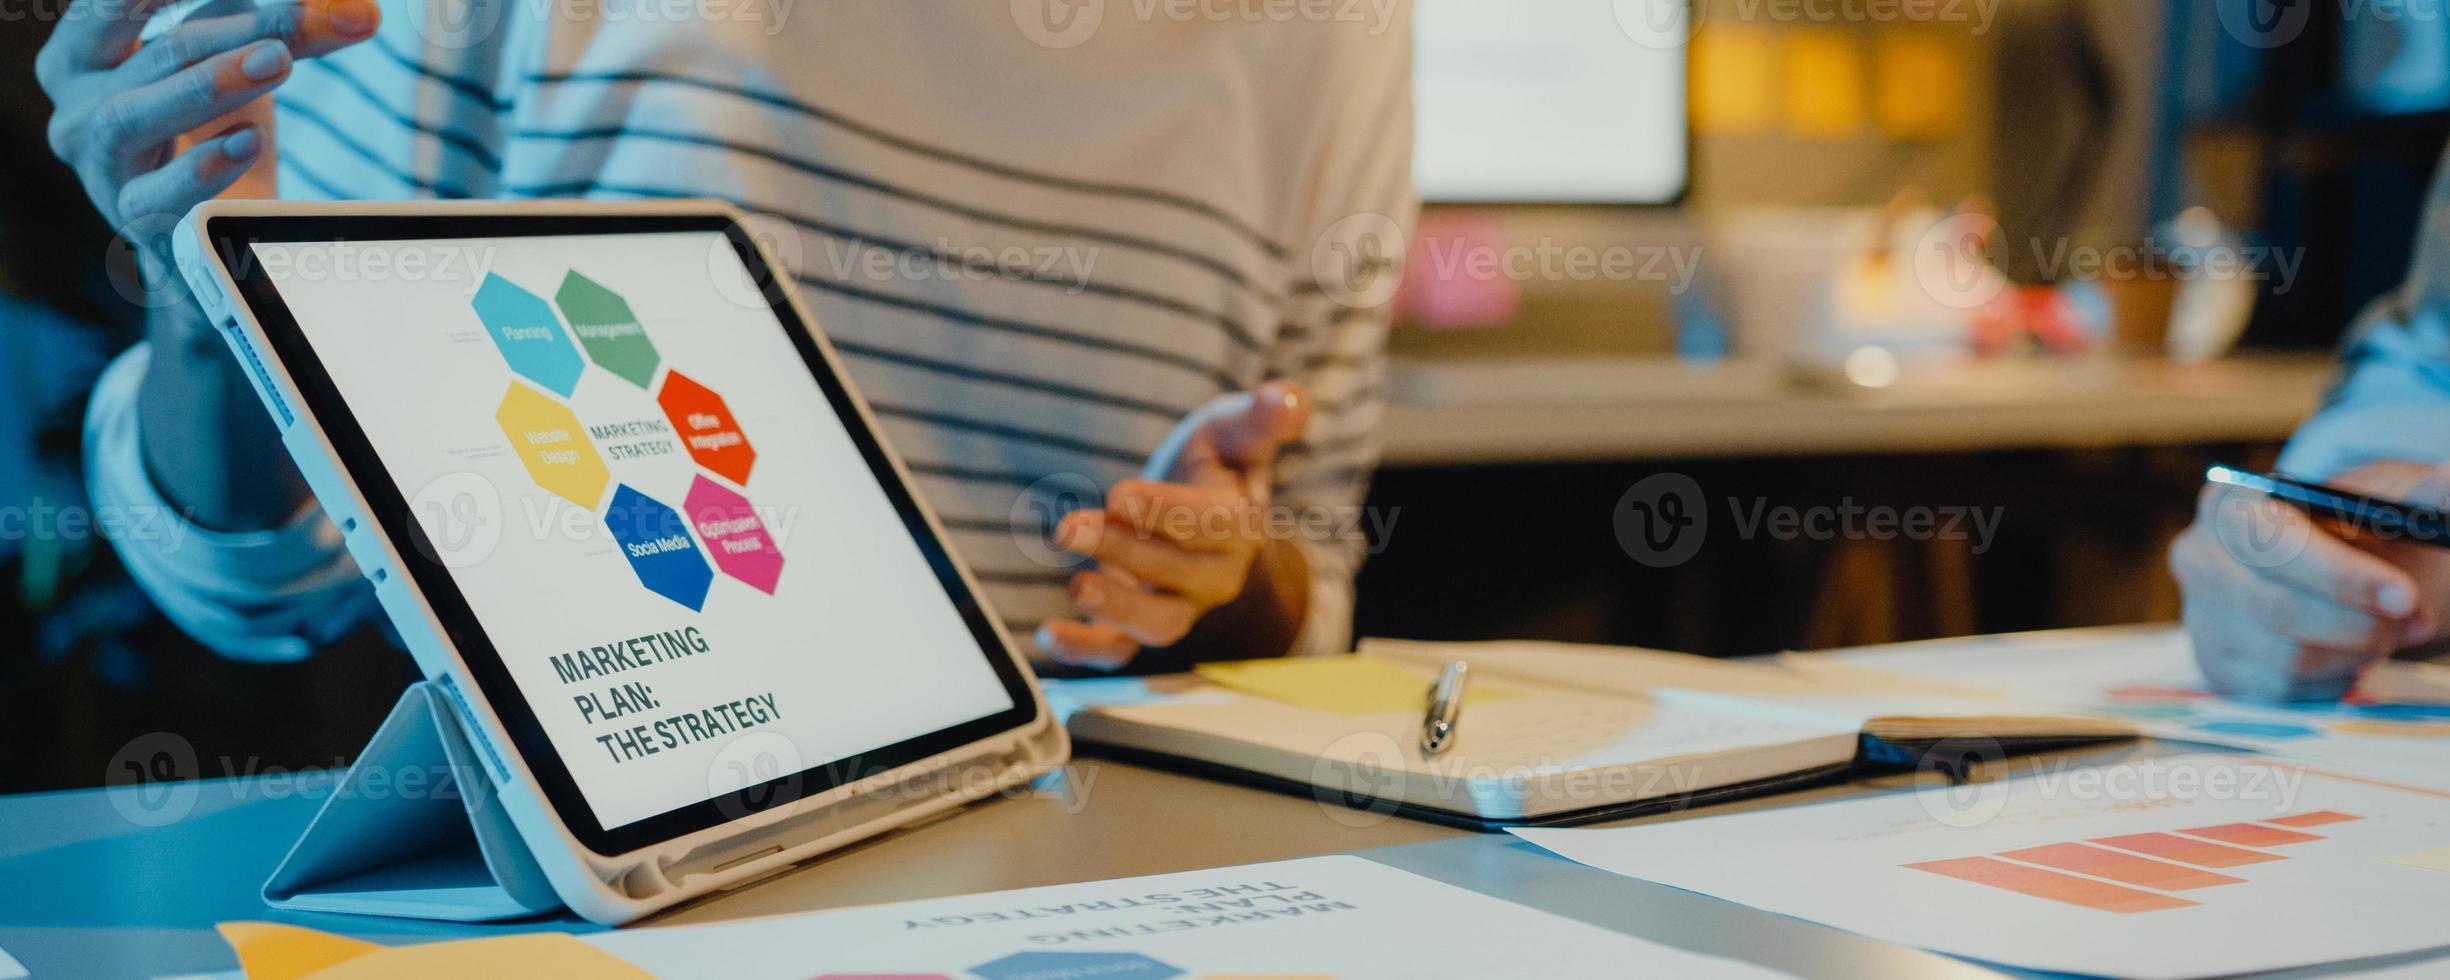 Reunión de empresarios de Asia, análisis de estadísticas, lluvia de ideas y encabezado del gráfico de tableta de retención de equipo y el empleado toma nota en la noche de la oficina en casa. Fondo de banner panorámico con espacio de copia. foto